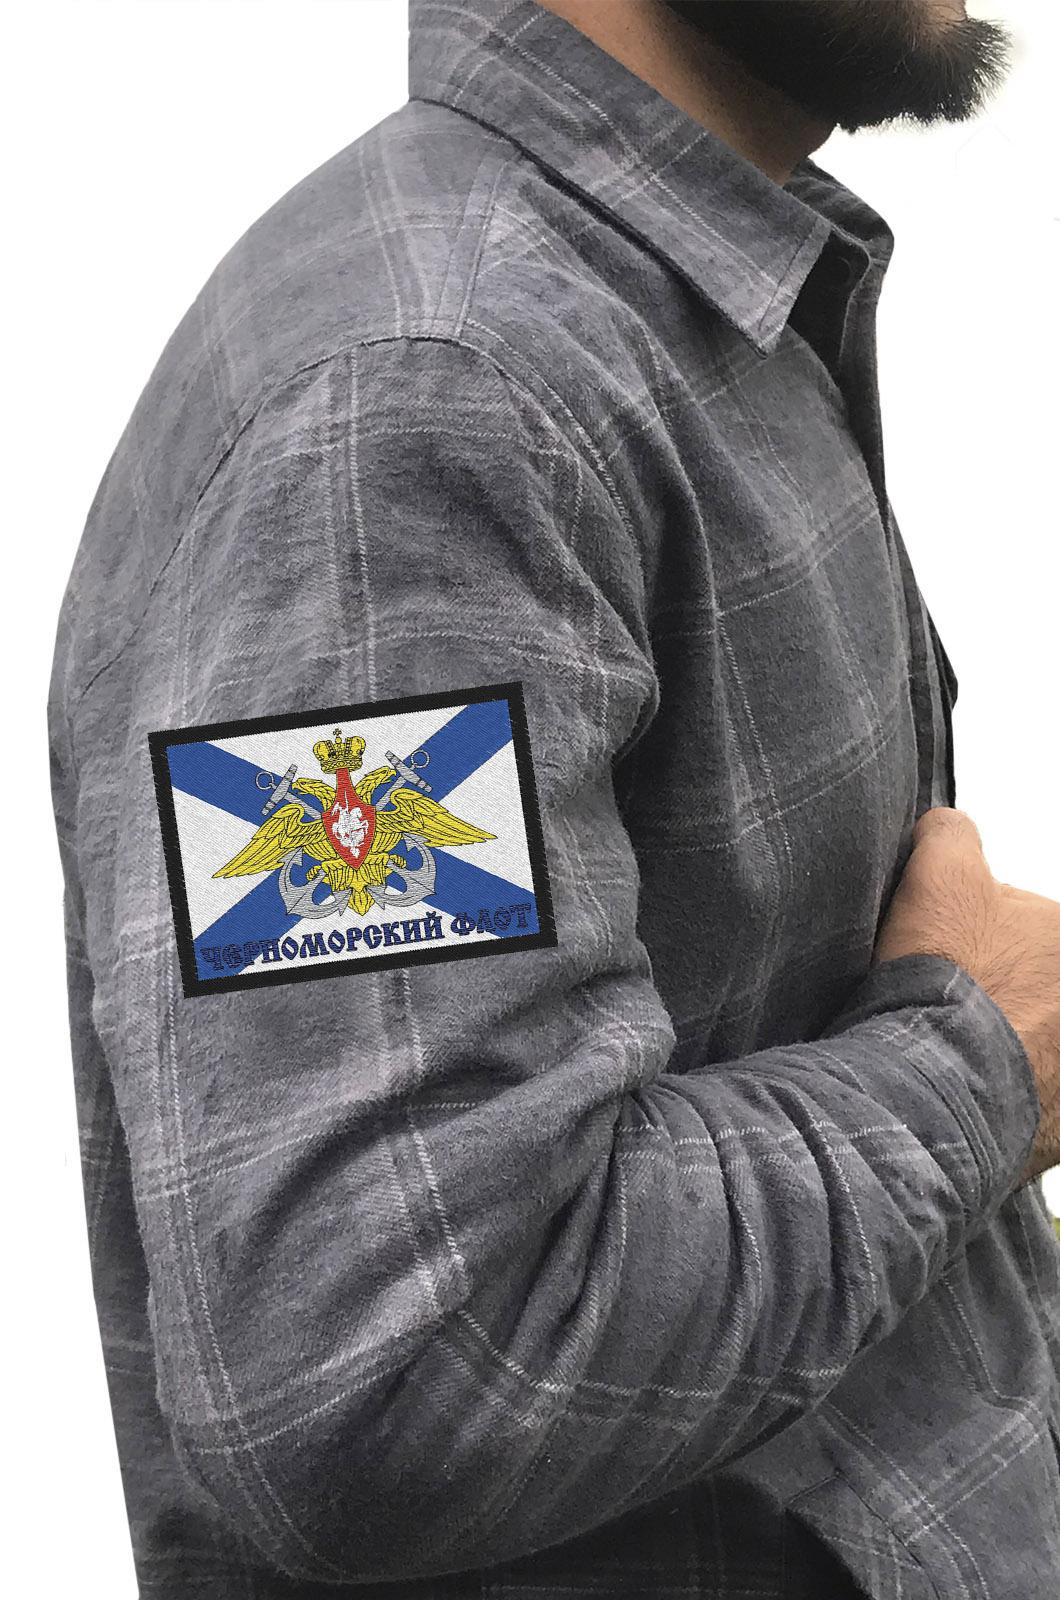 Мужская рубашка с эмблемой Черноморского флота купить с доставкой